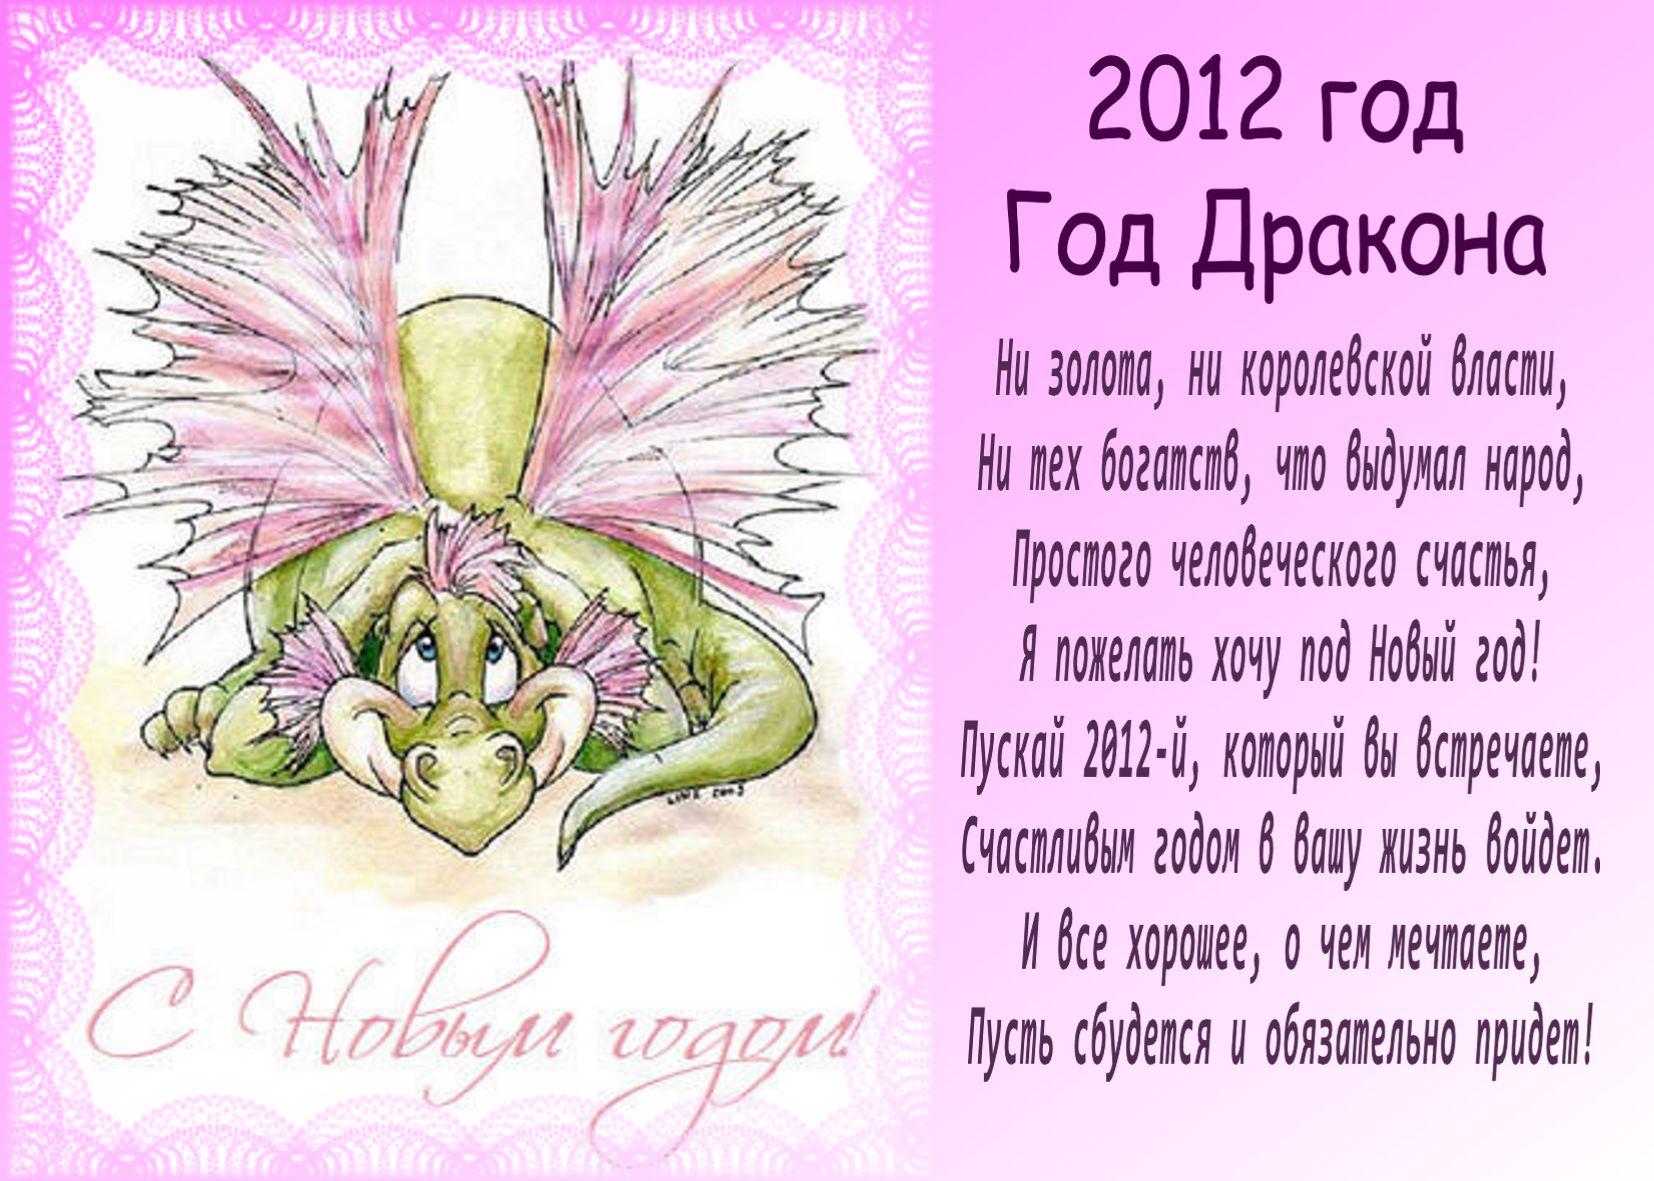 Стихи поздравления для старого нового года